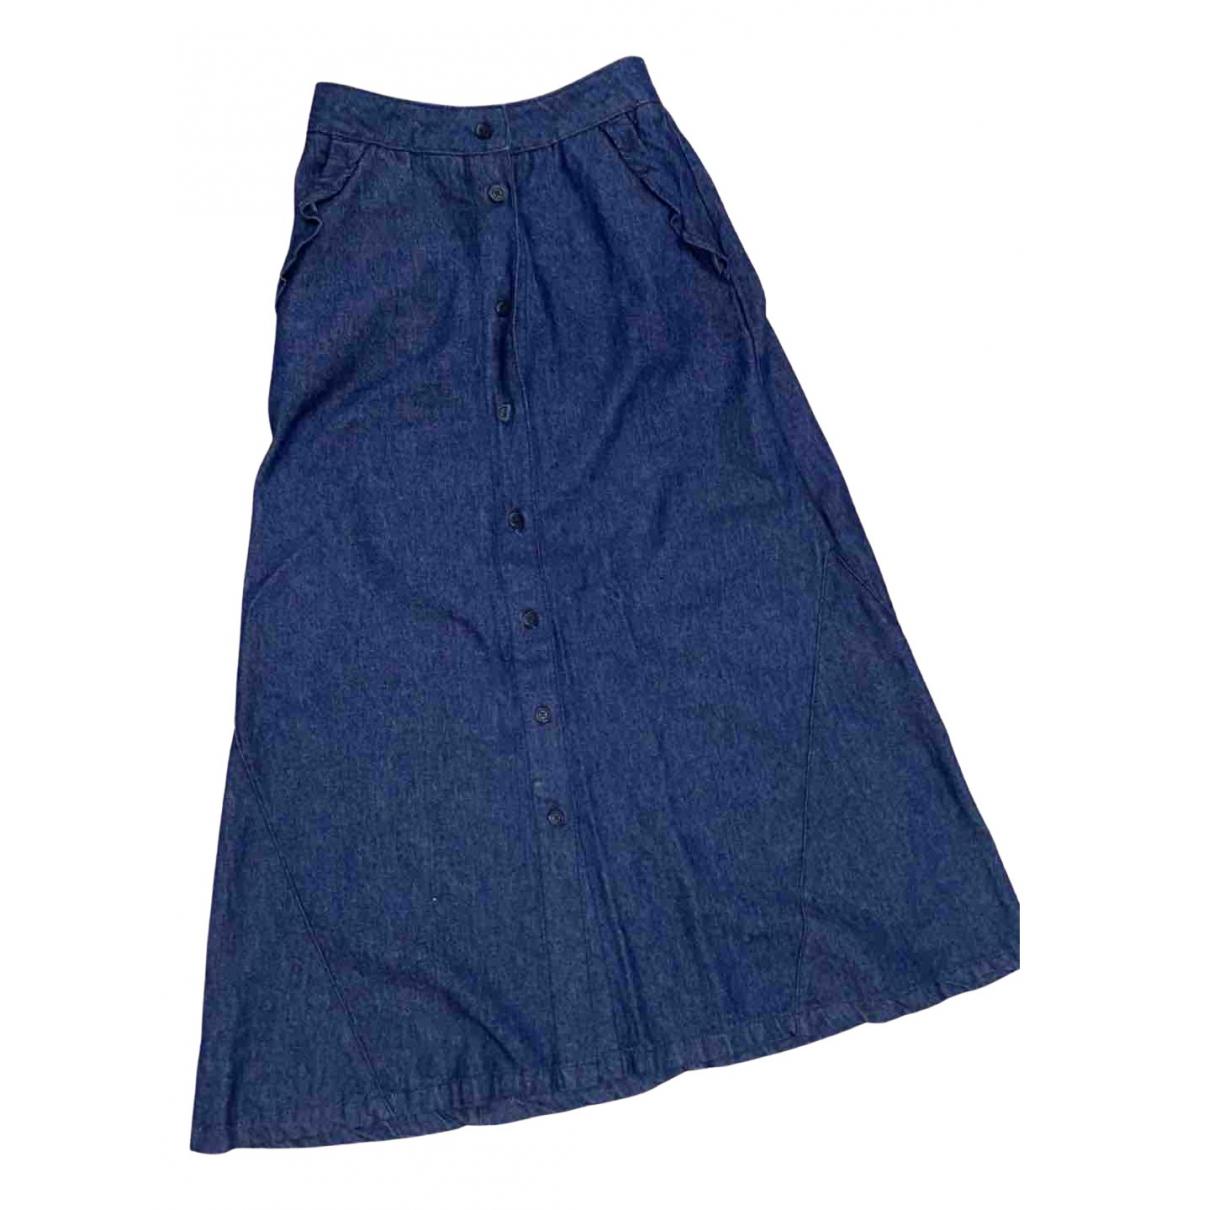 Maje \N Rocke in  Blau Denim - Jeans